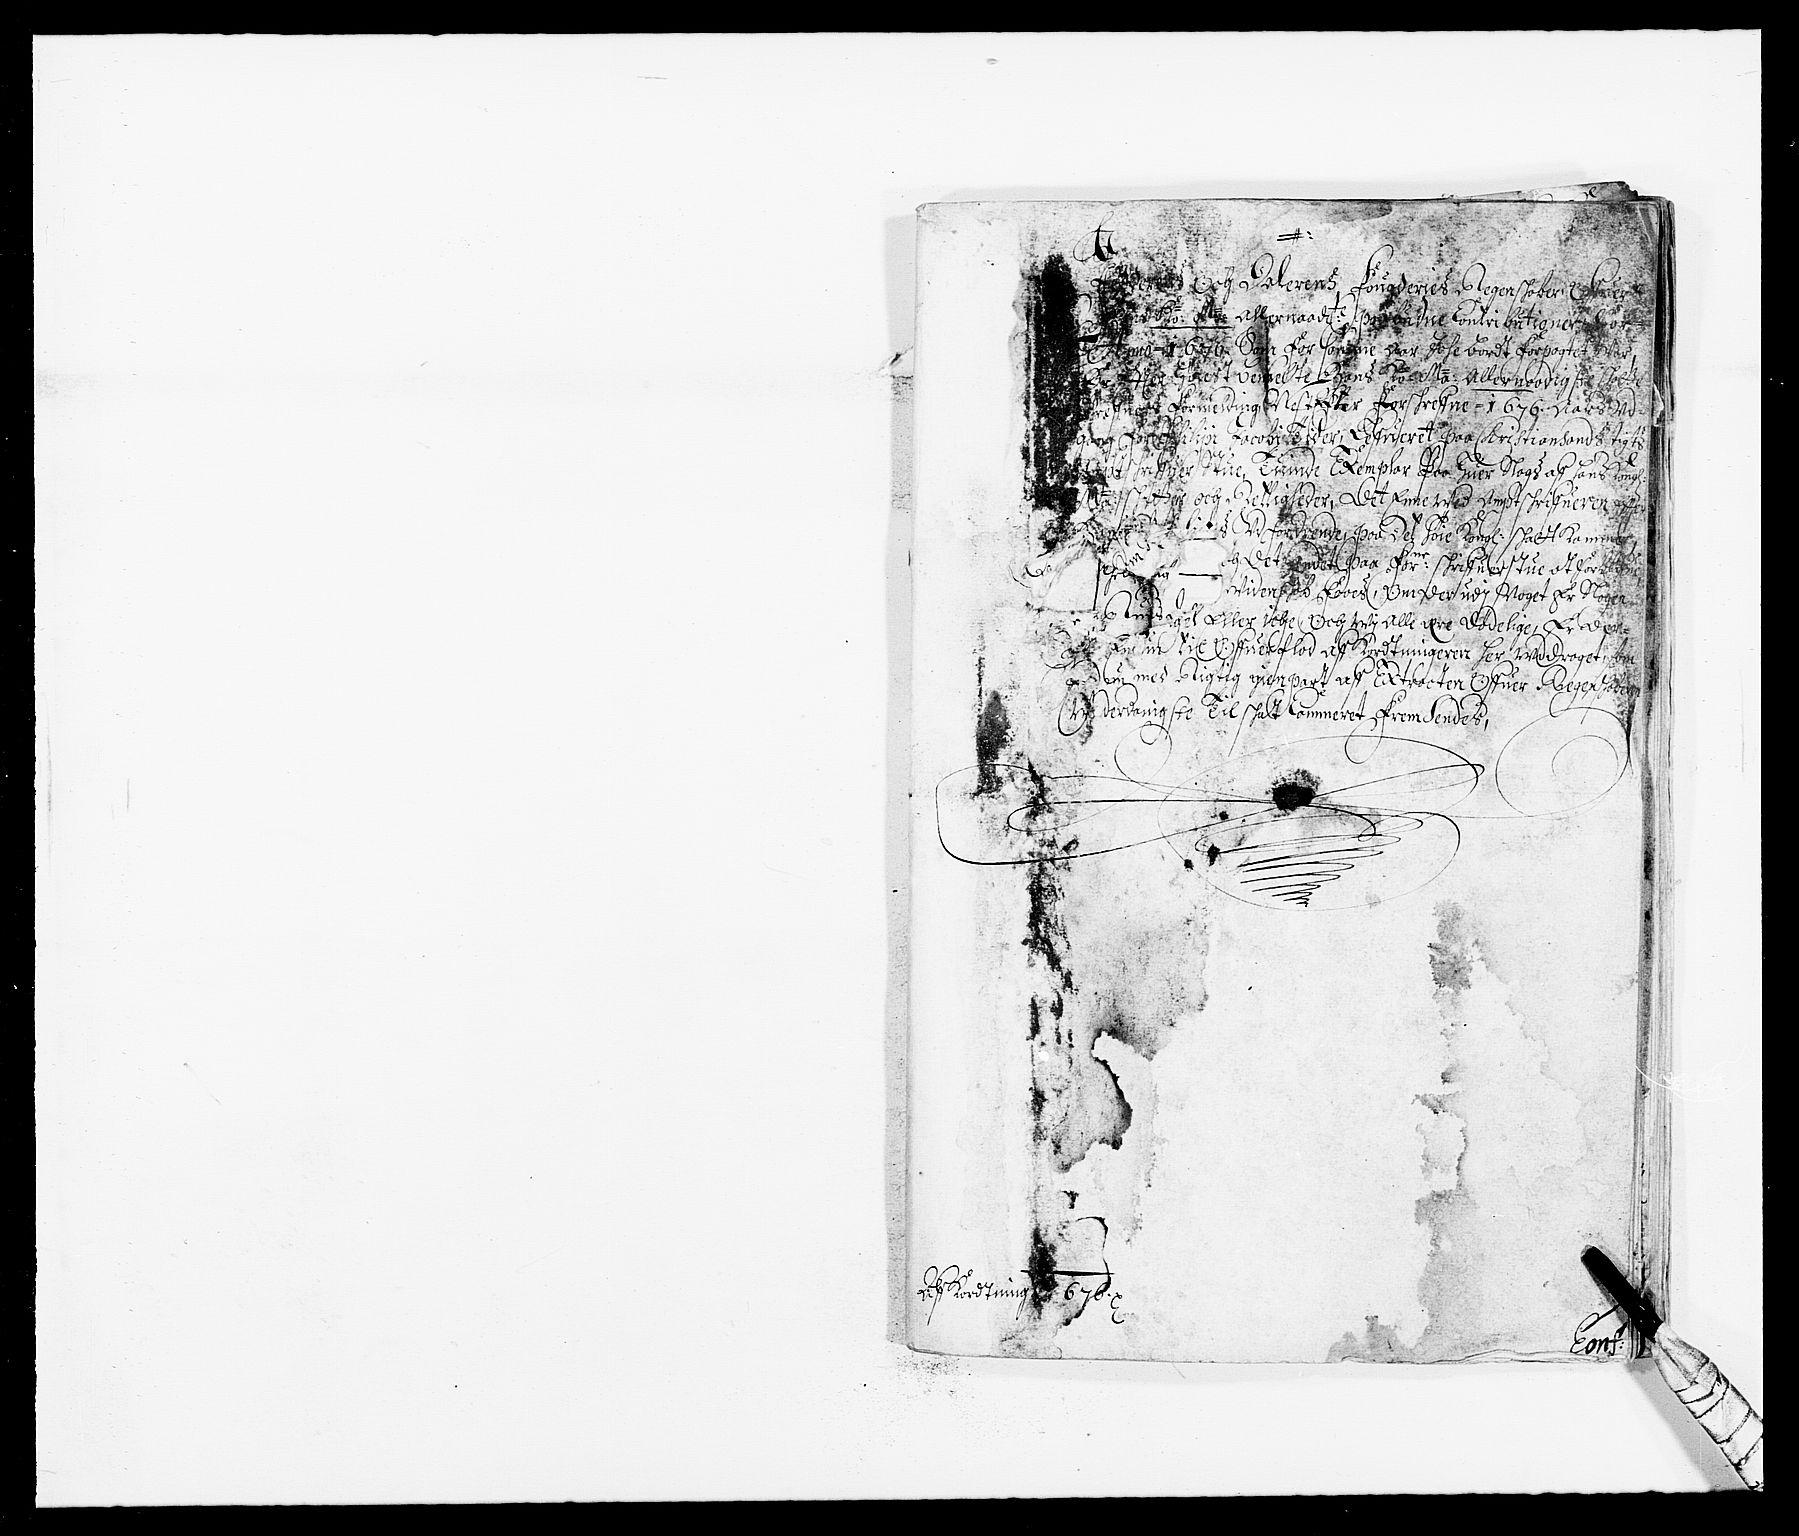 RA, Rentekammeret inntil 1814, Reviderte regnskaper, Fogderegnskap, R46/L2716: Fogderegnskap Jæren og Dalane, 1676, s. 335